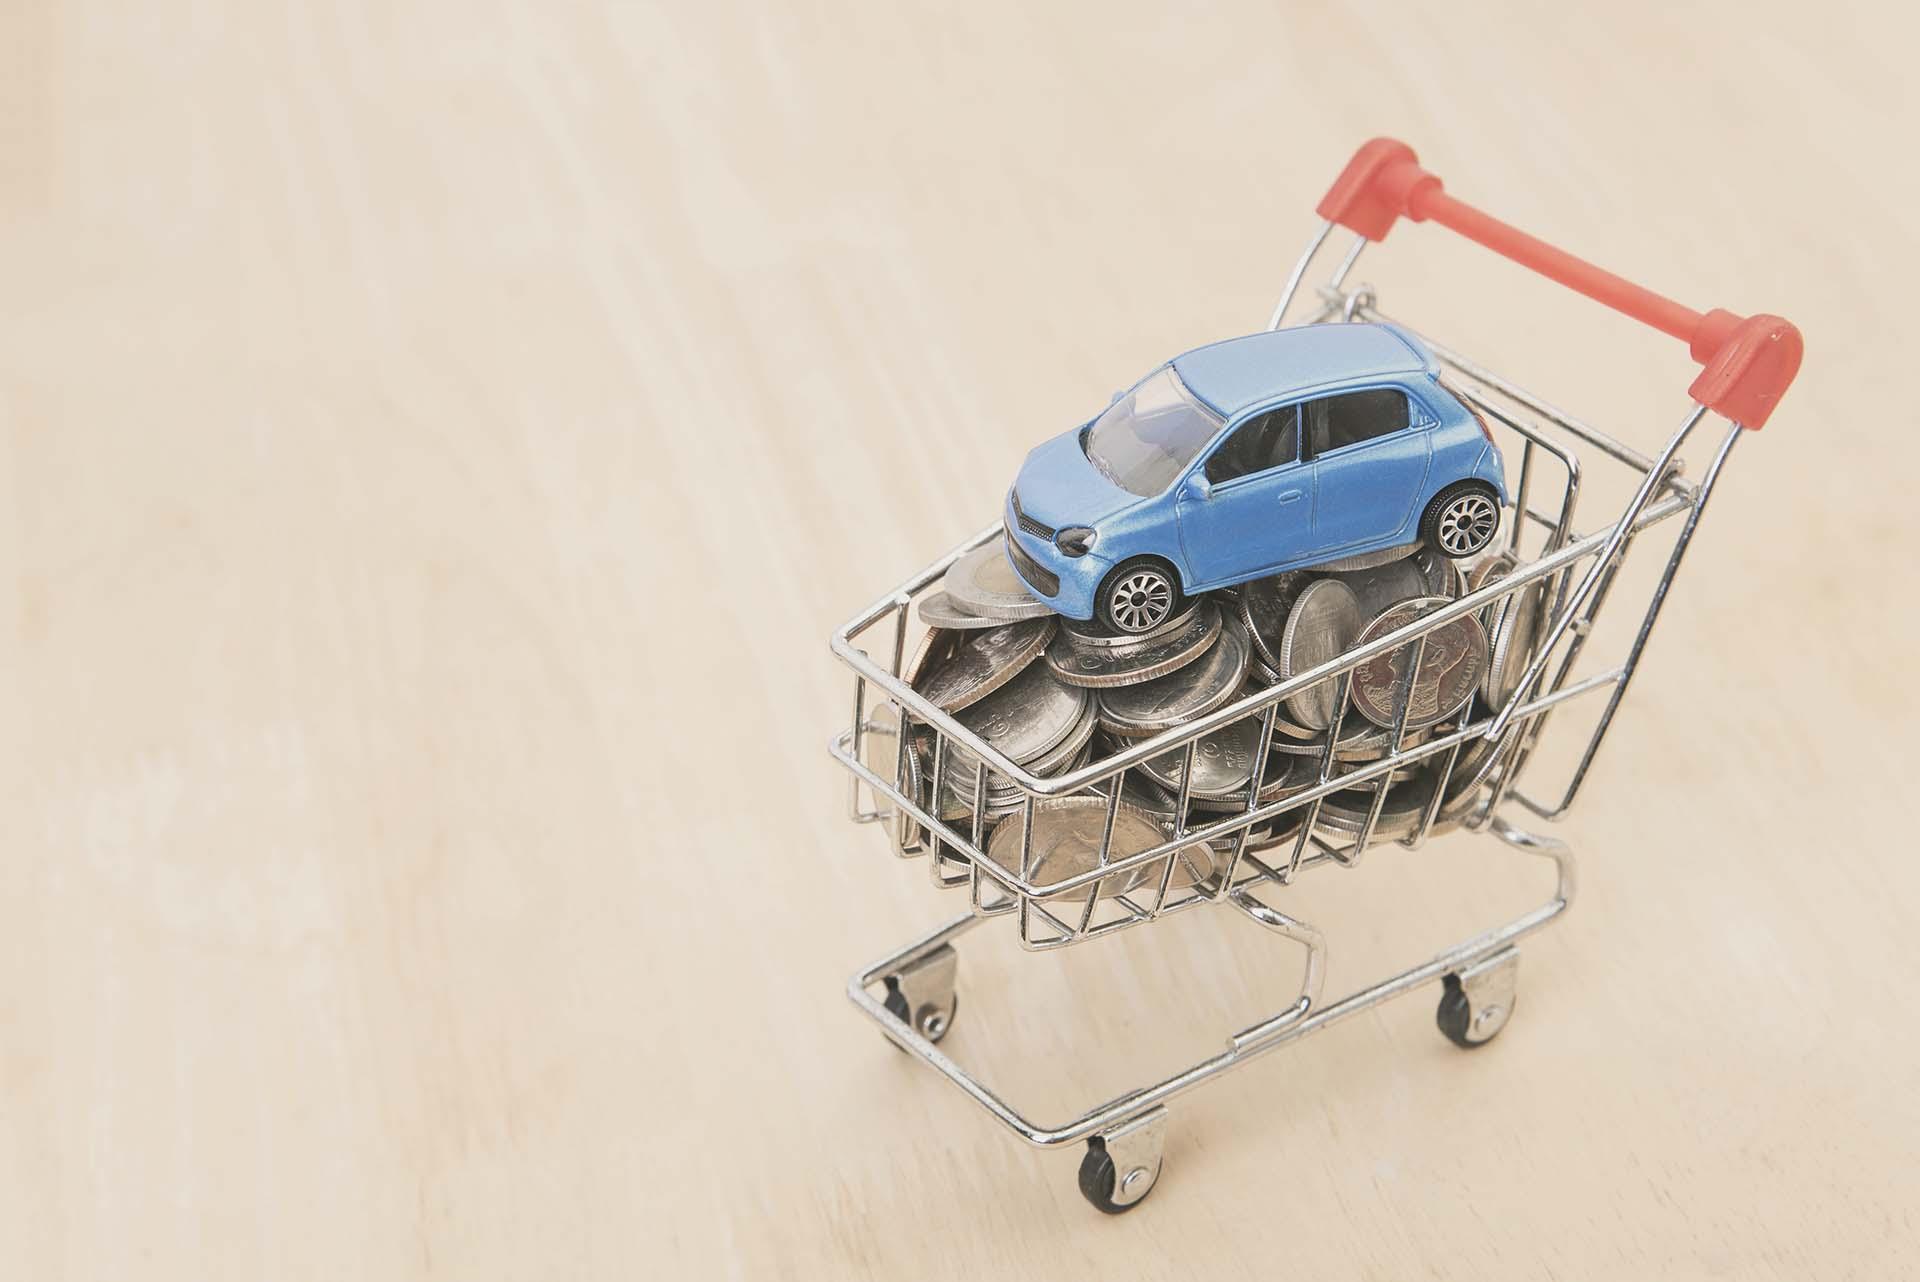 ¿Cómo se puede ahorrar en el presupuesto del coche?